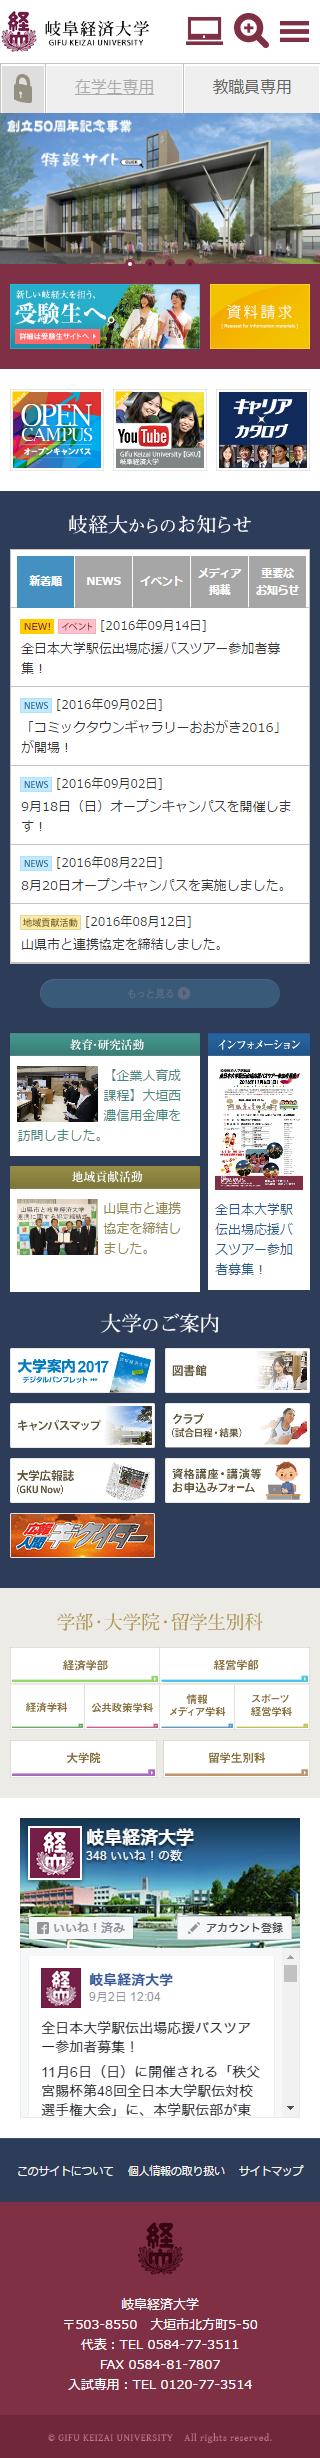 岐阜経済大学総合サイト スマホサイト